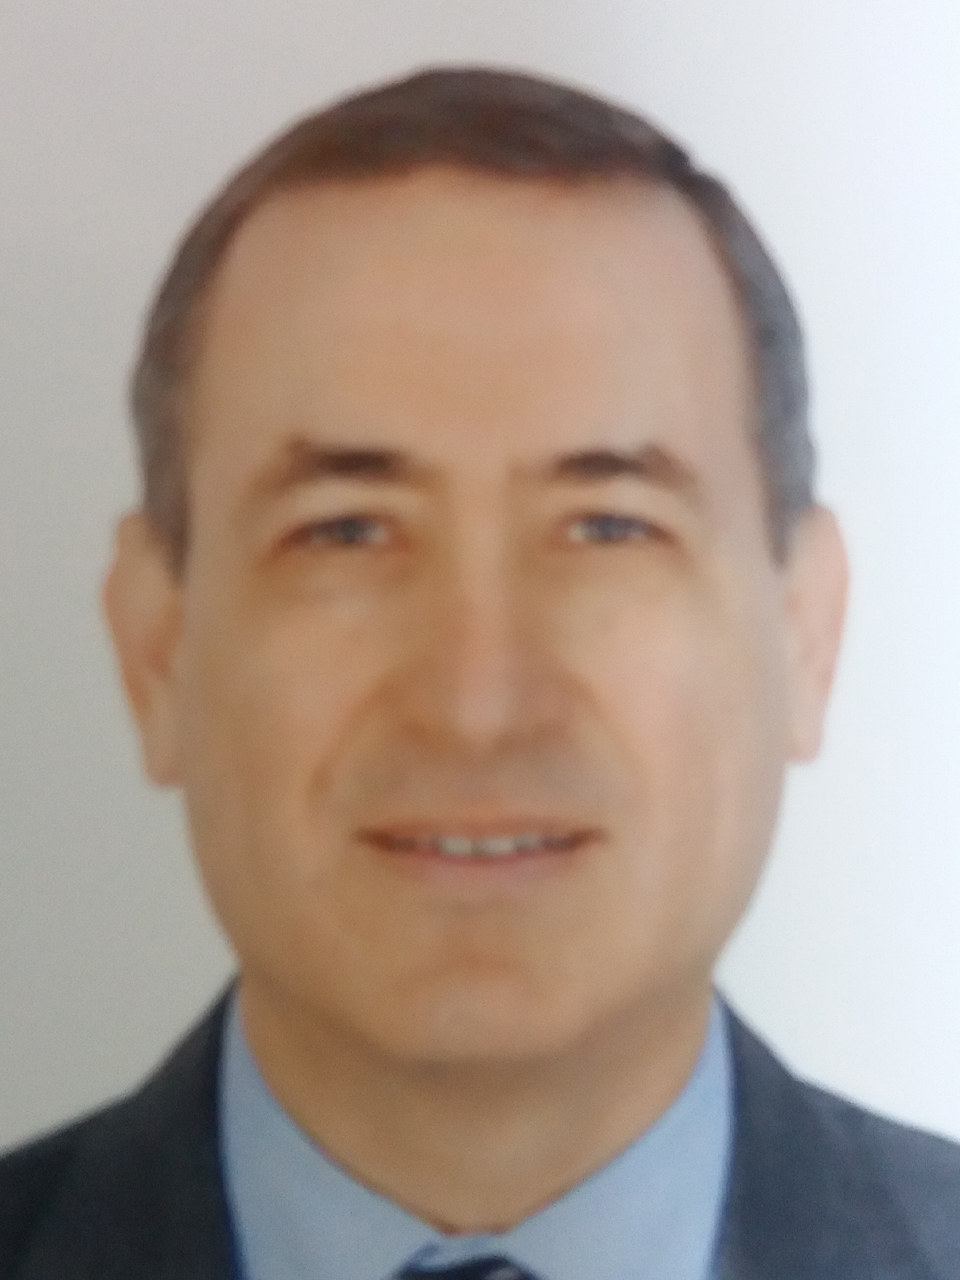 Taoufik Saidi